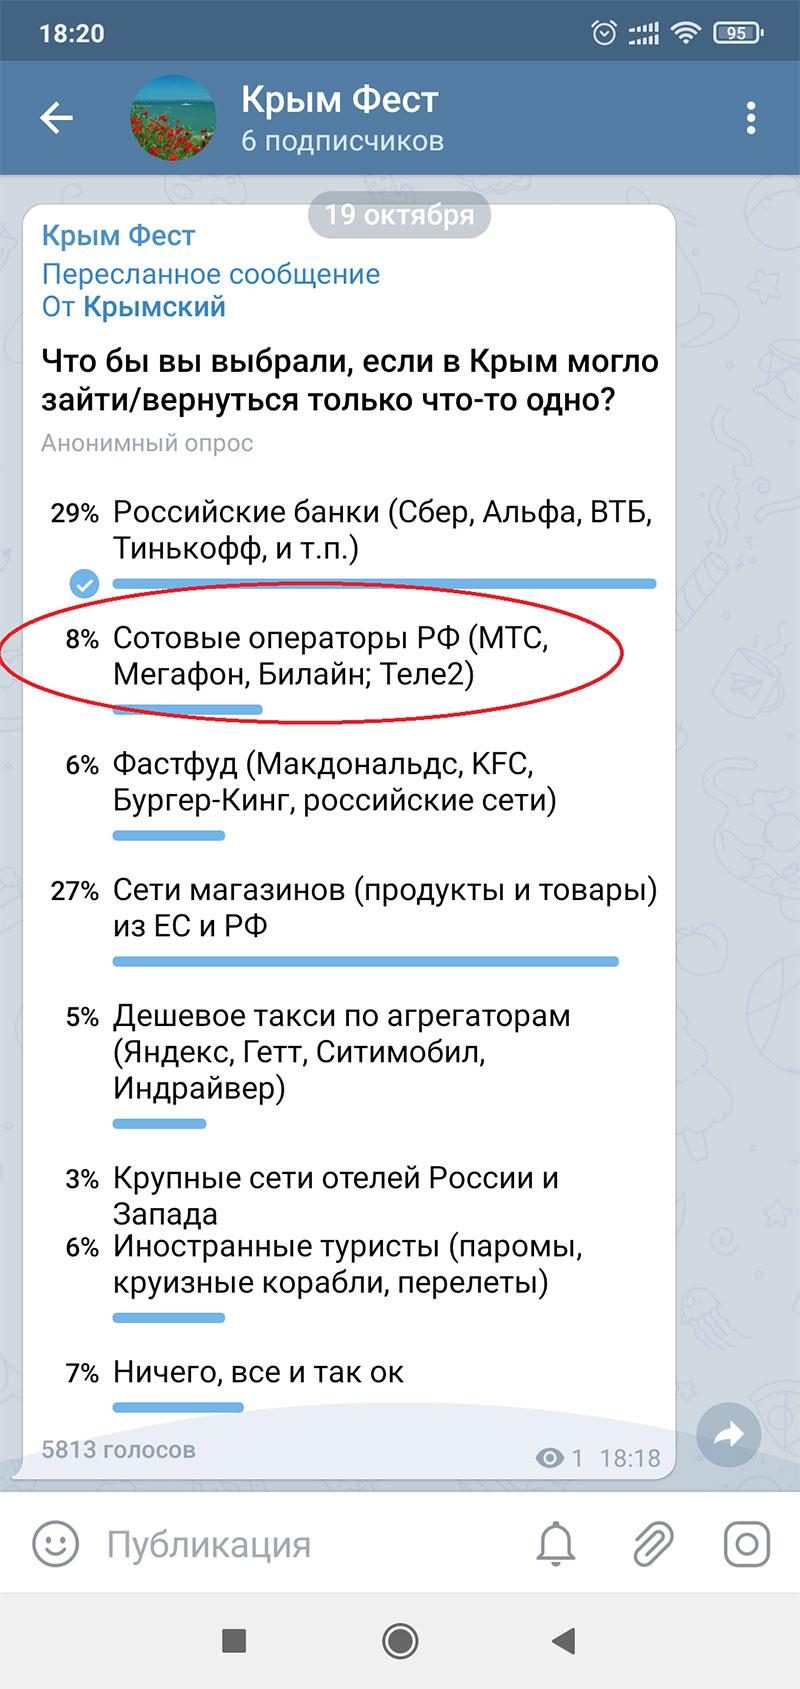 Опрос: чего не хватает в Крыму